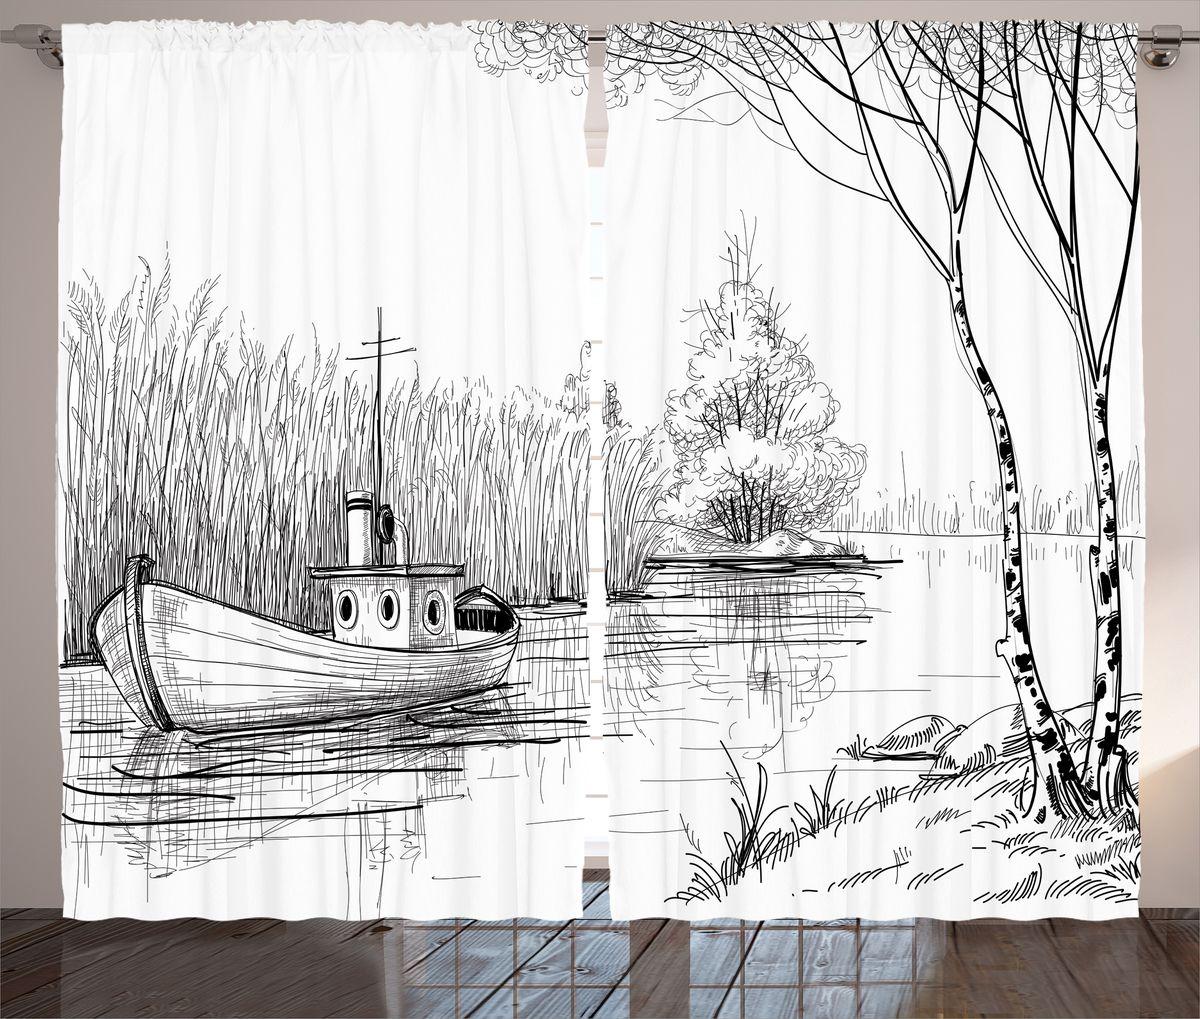 Комплект фотоштор Magic Lady Лодка на тихой реке, на ленте, высота 265 см. шсг_14968шсг_10050Компания Сэмболь изготавливает шторы из высококачественного сатена (полиэстер 100%). При изготовлении используются специальные гипоаллергенные чернила для прямой печати по ткани, безопасные для человека и животных. Экологичность продукции Magic lady и безопасность для окружающей среды подтверждены сертификатом Oeko-Tex Standard 100. Крепление: крючки для крепления на шторной ленте (50 шт). Возможно крепление на трубу. Внимание! При нанесении сублимационной печати на ткань технологическим методом при температуре 240°С, возможно отклонение полученных размеров (указанных на этикетке и сайте) от стандартных на + - 3-5 см. Производитель старается максимально точно передать цвета изделия на фотографиях, однако искажения неизбежны и фактический цвет изделия может отличаться от воспринимаемого по фото. Обратите внимание! Шторы изготовлены из полиэстра сатенового переплетения, а не из сатина (хлопок). Размер одного полотна шторы: 145х265 см. В комплекте 2 полотна шторы и 50 крючков.